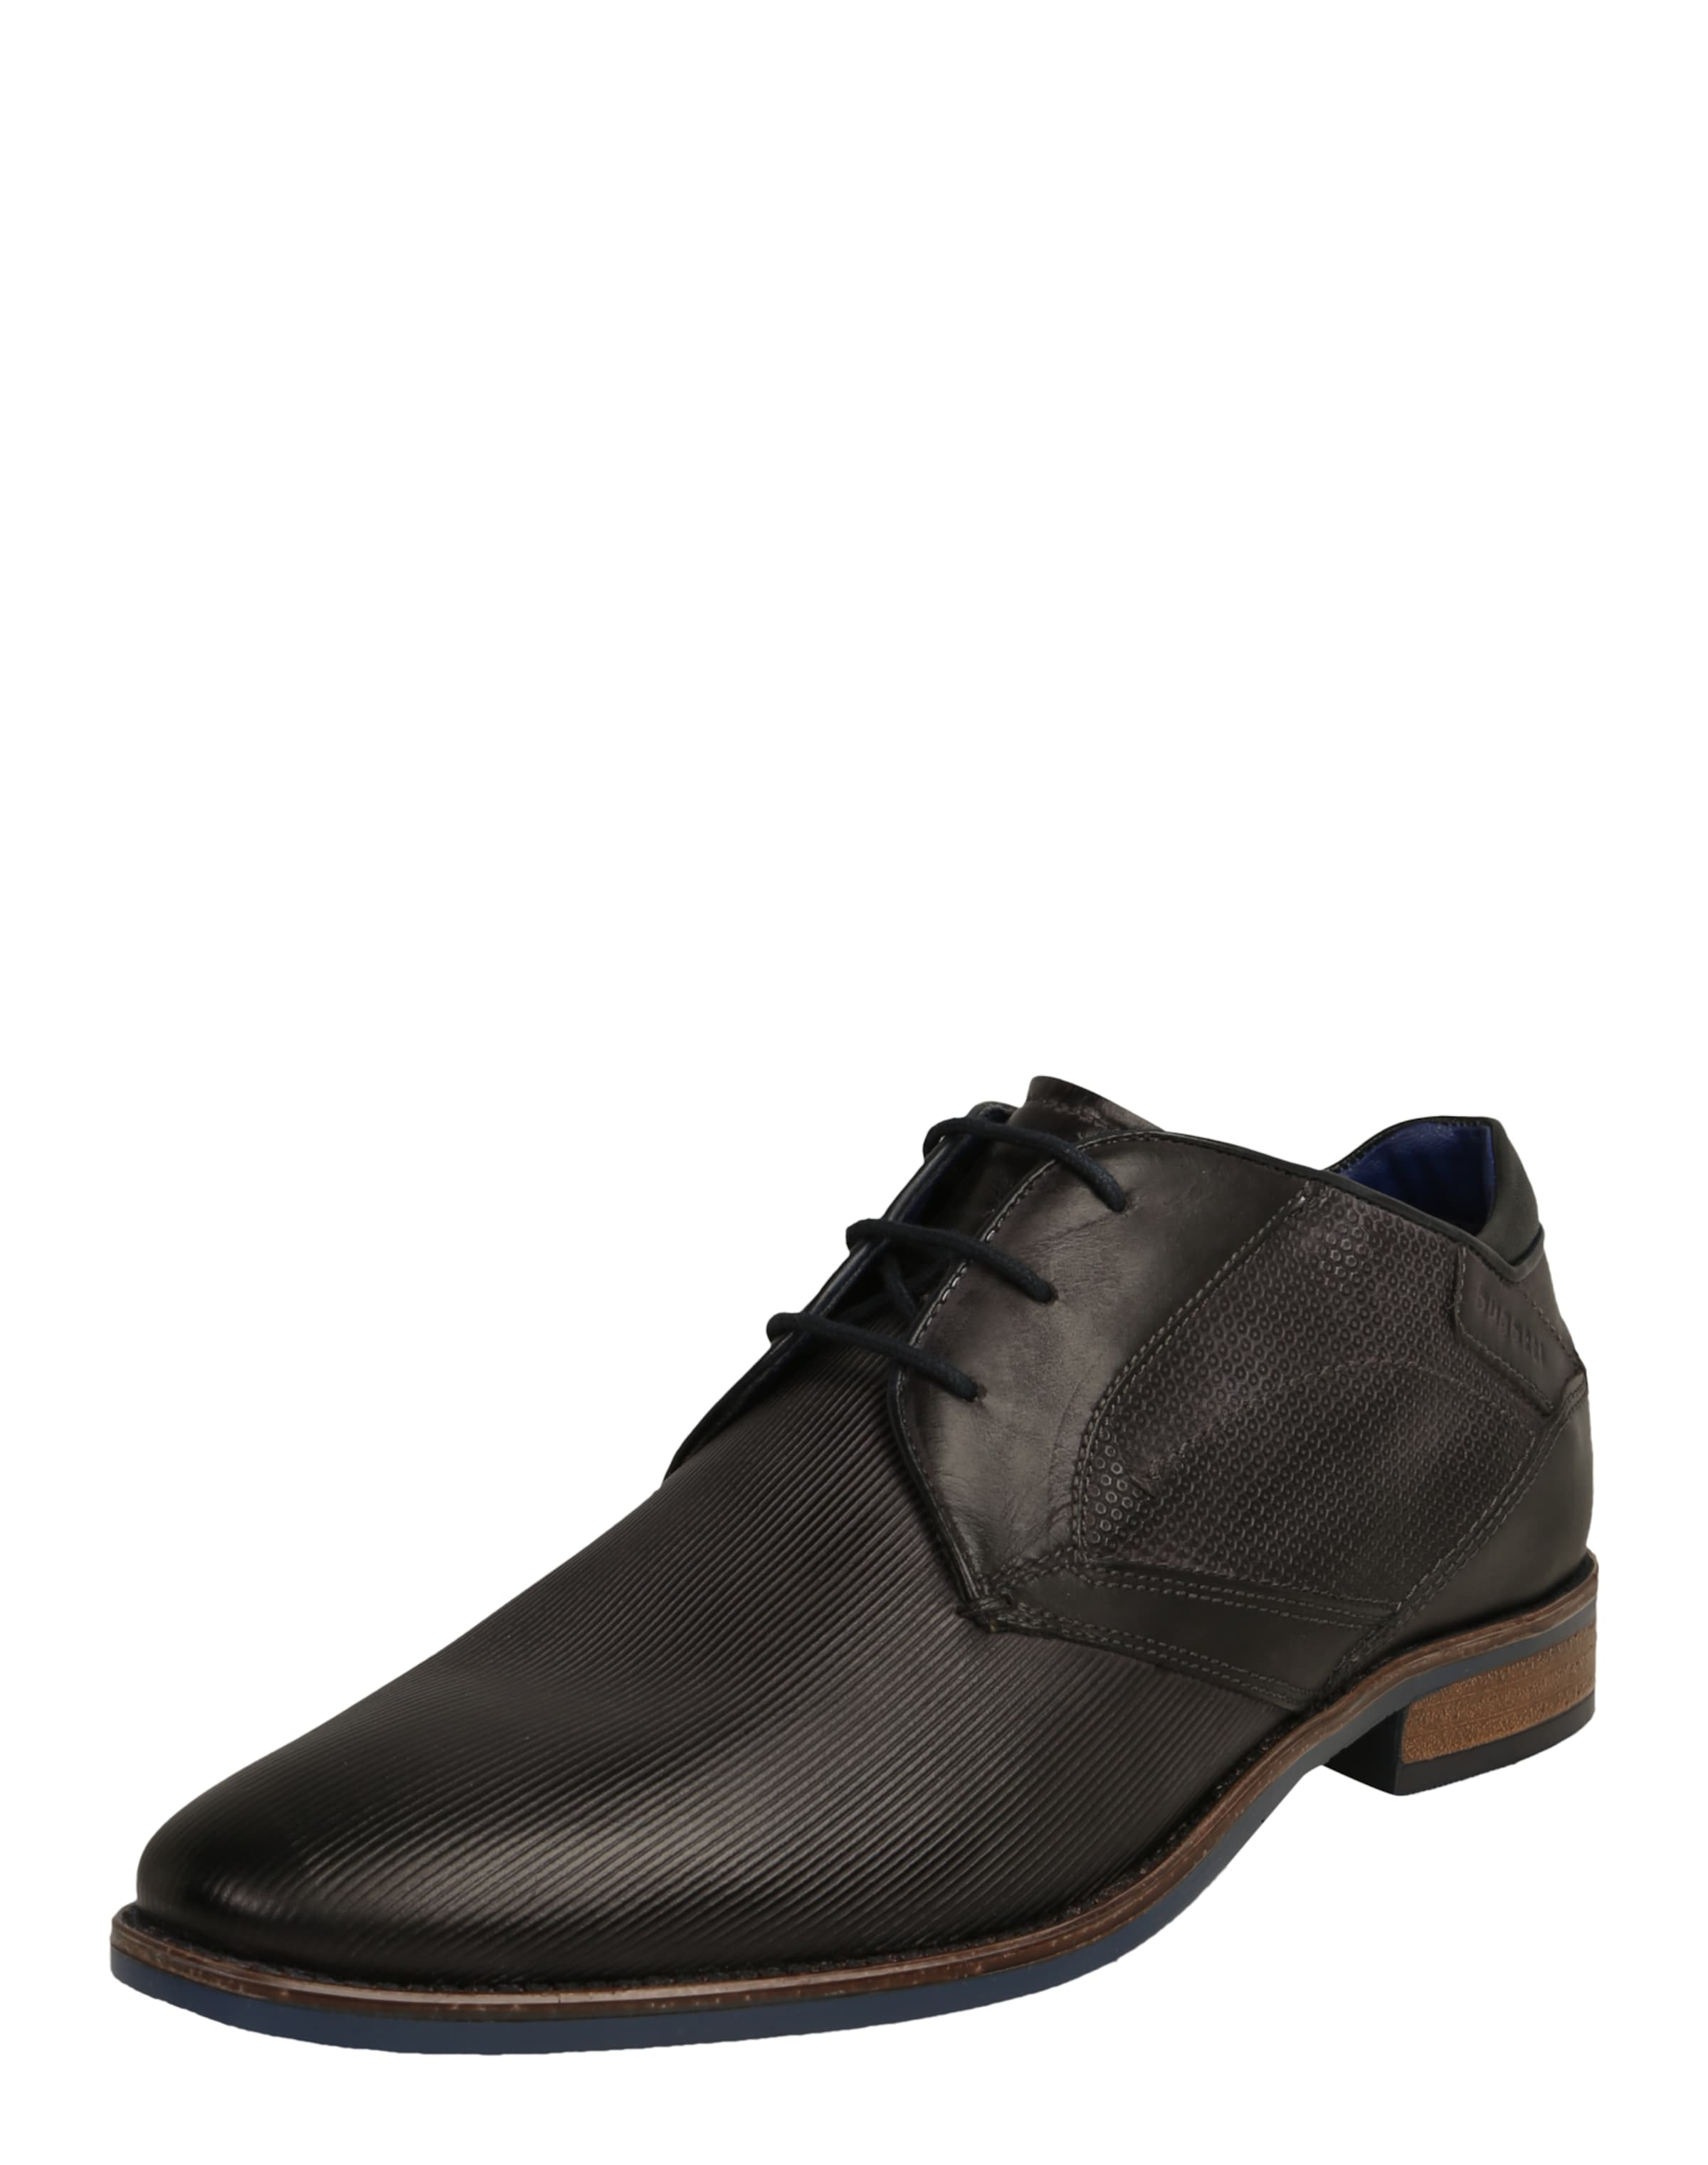 bugatti Leder-Schnürschuhe Günstige und langlebige Schuhe